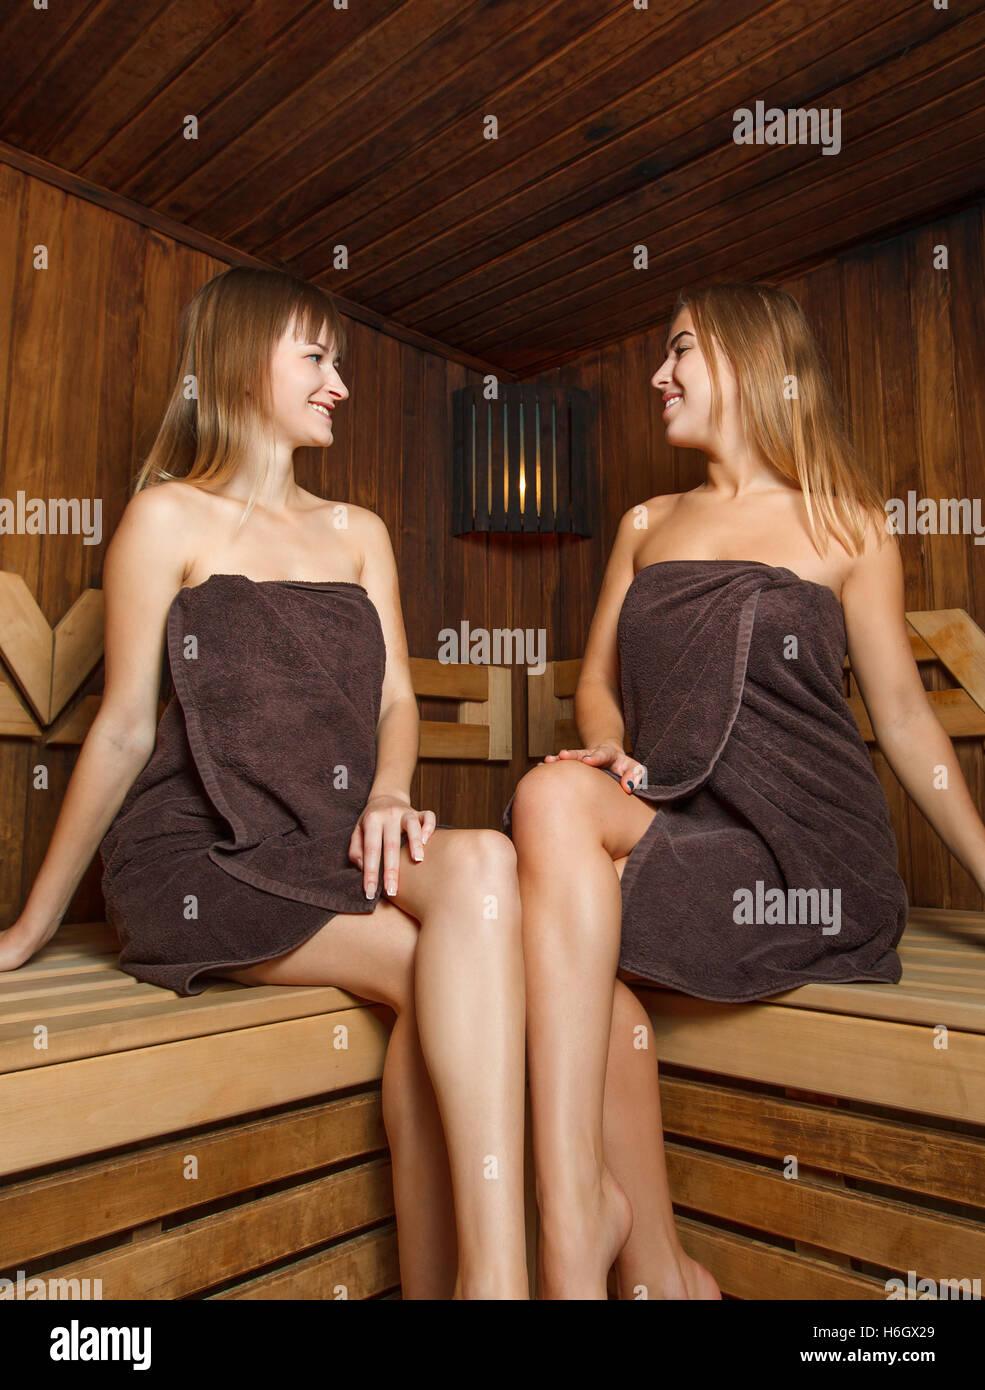 sauna girl